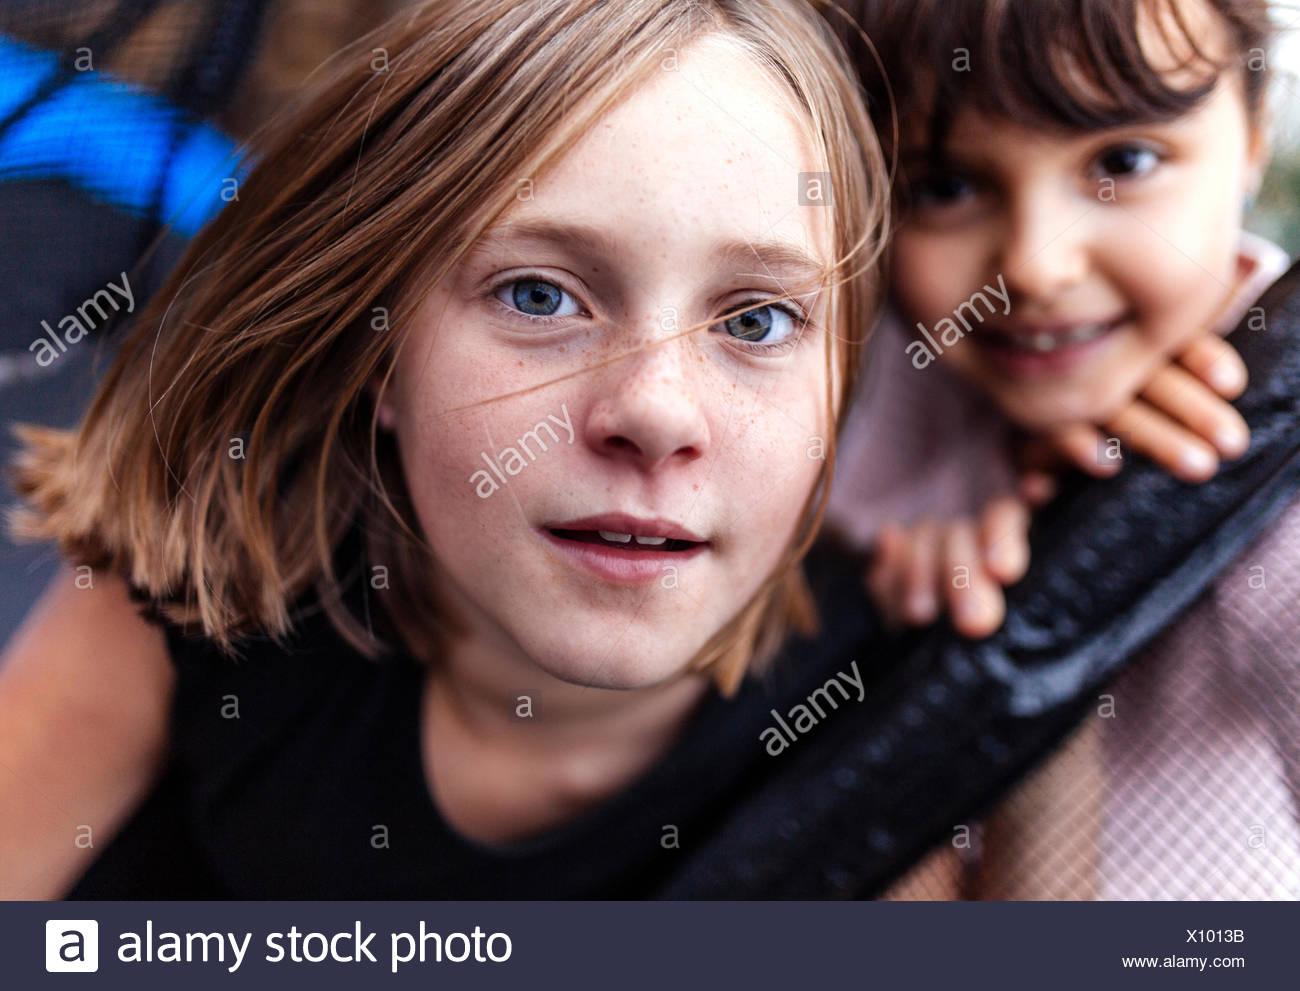 Porträt eines Mädchens mit Sommersprossen Stockbild